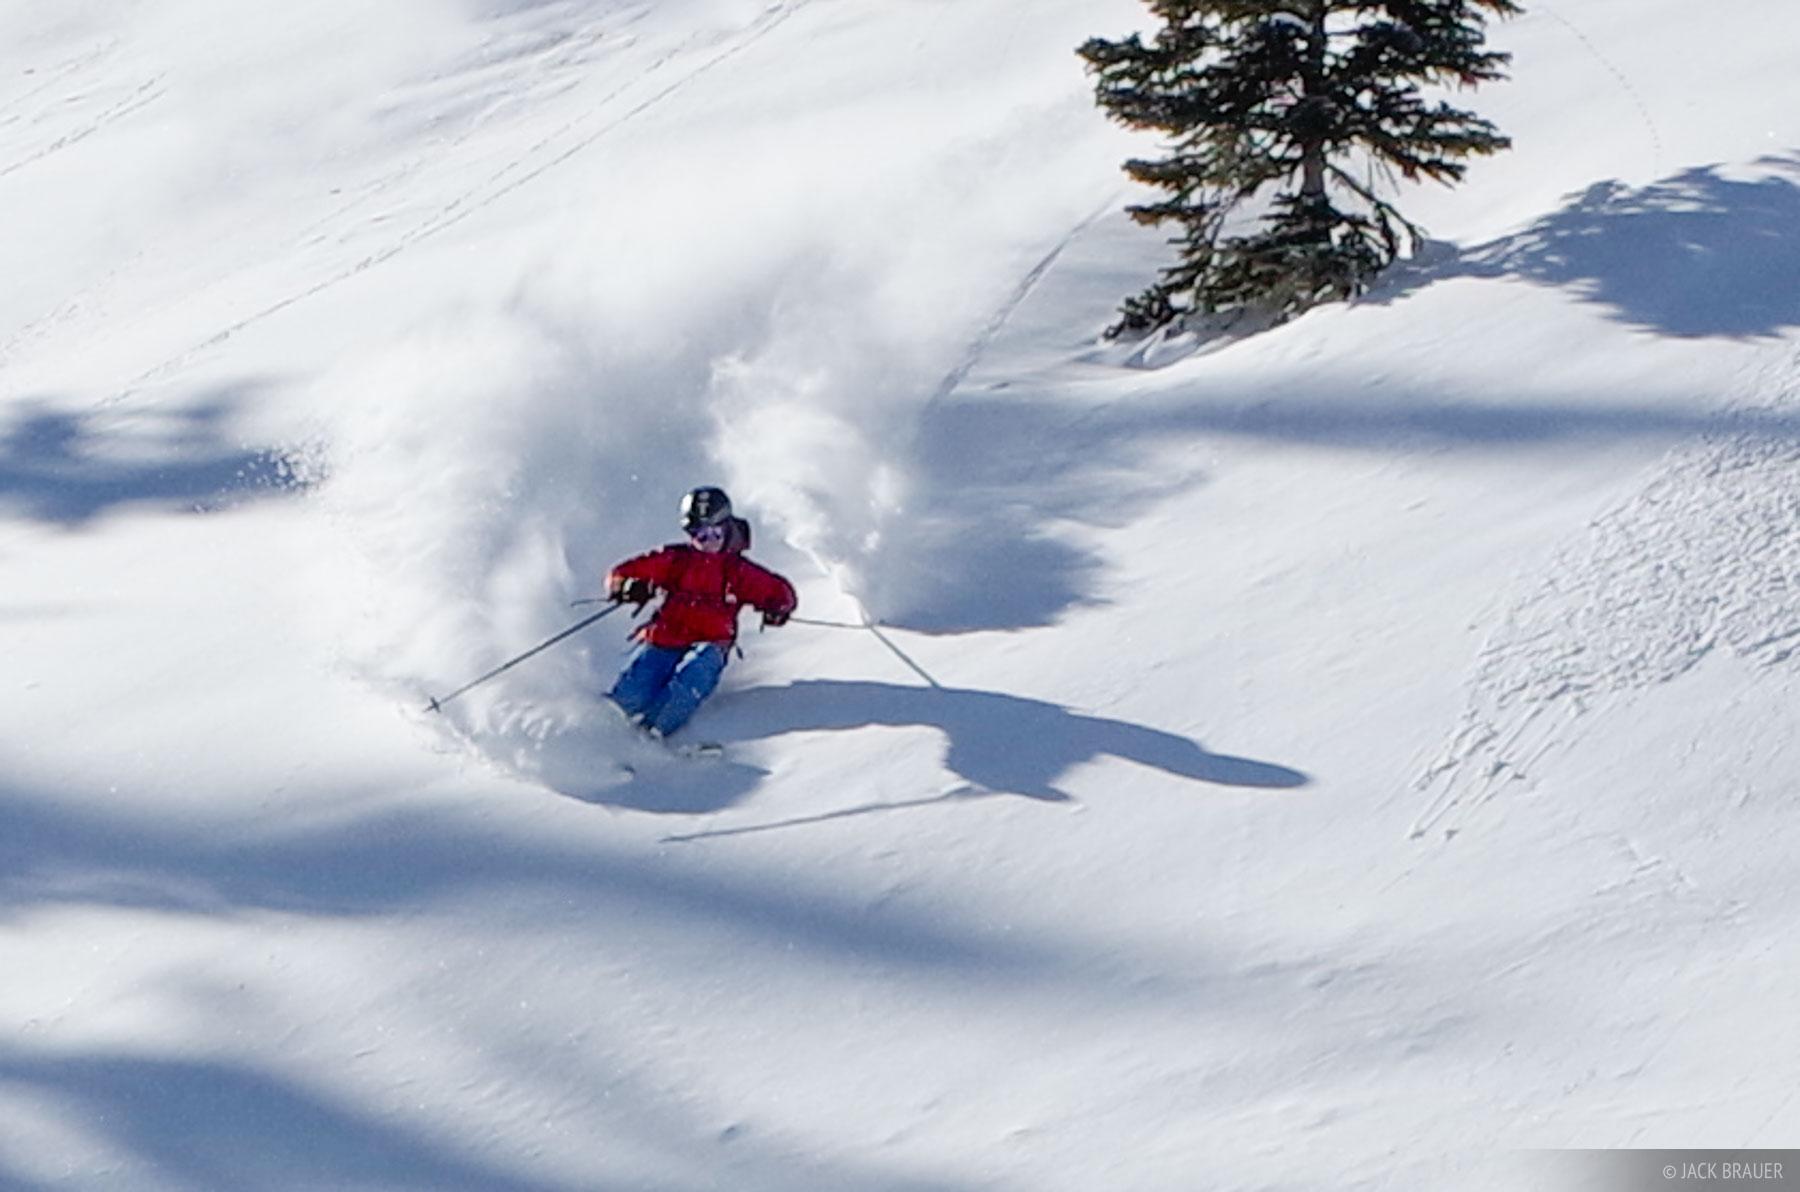 skiing, San Juan Mountains, Colorado, December, photo